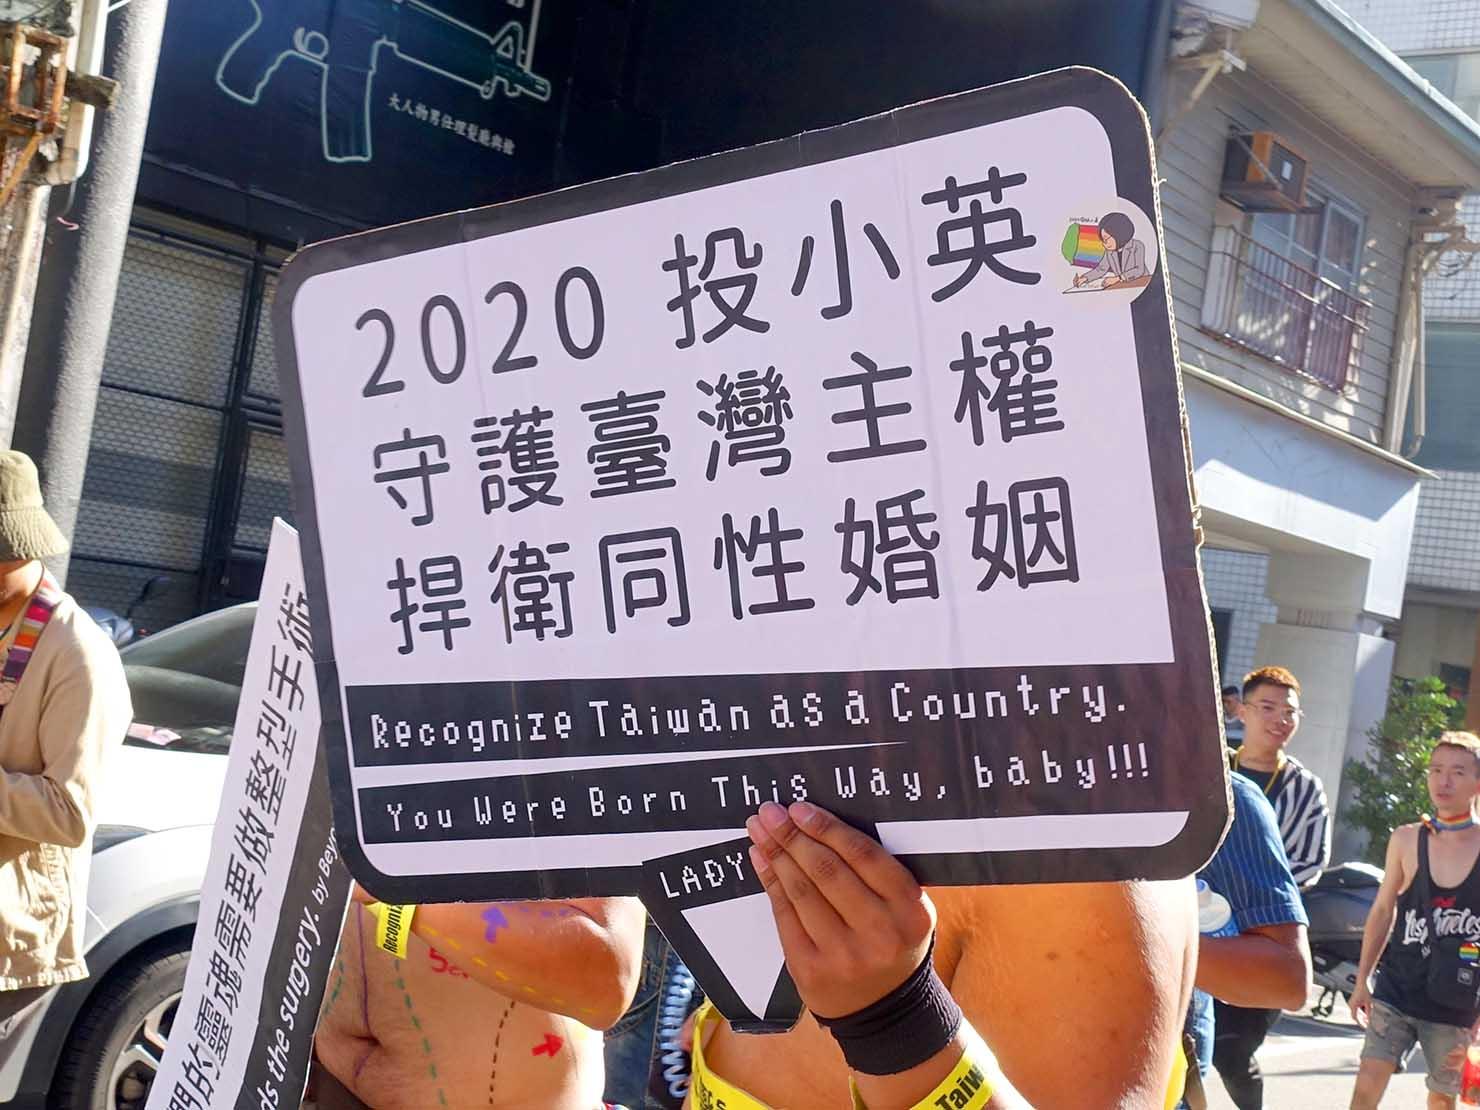 台中同志遊行(台中LGBTプライド)2019のパレードで投票を呼びかけるプラカード